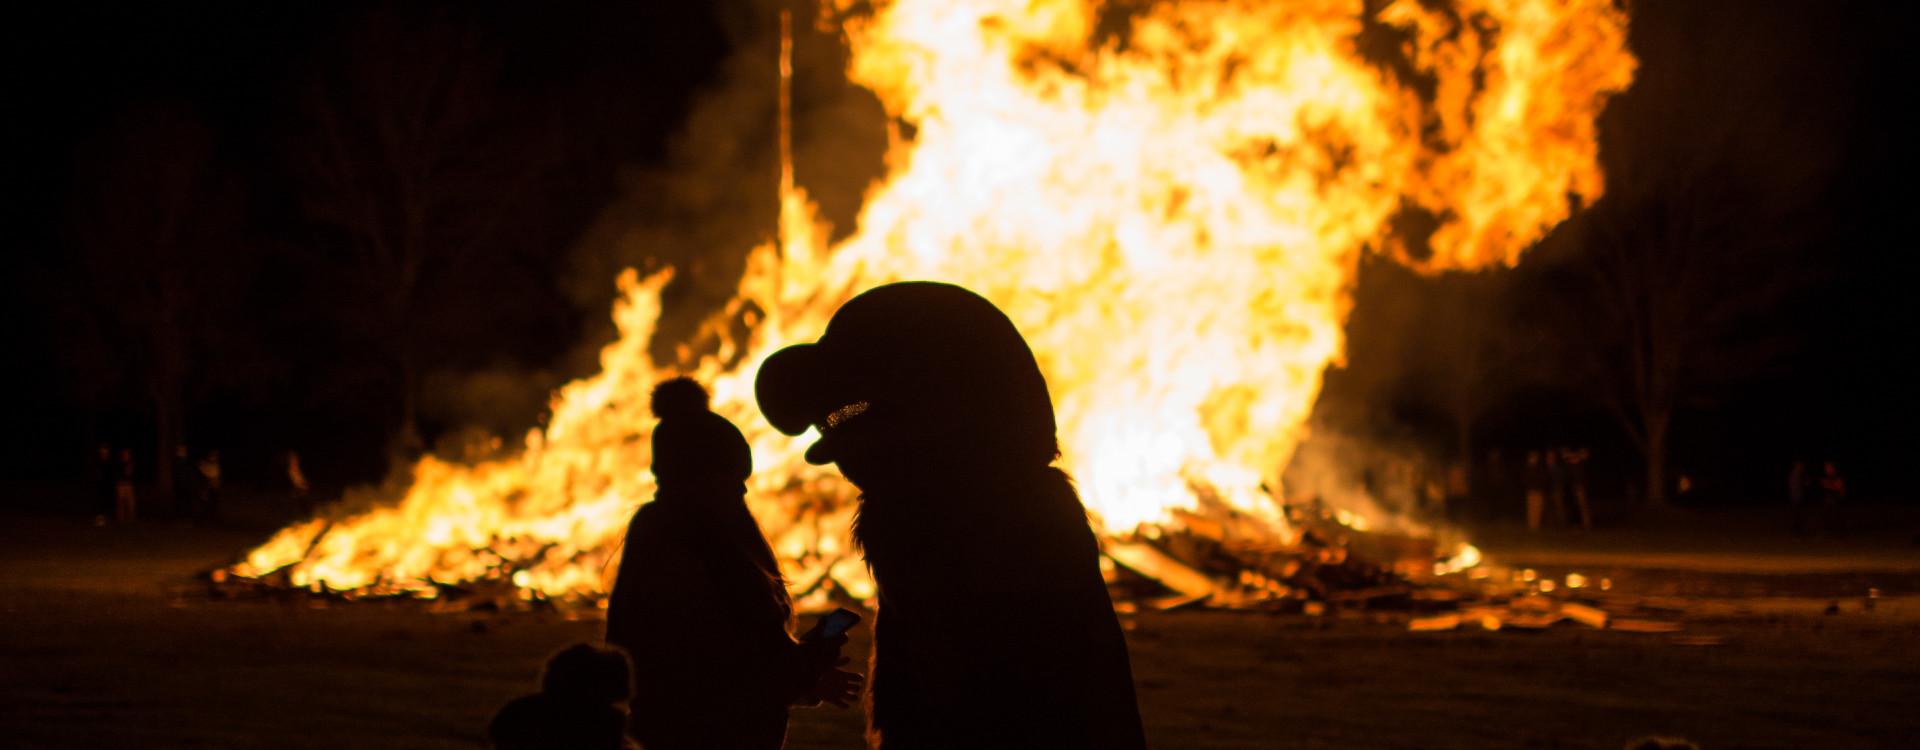 The 2017 Bonfire for Le-Laf